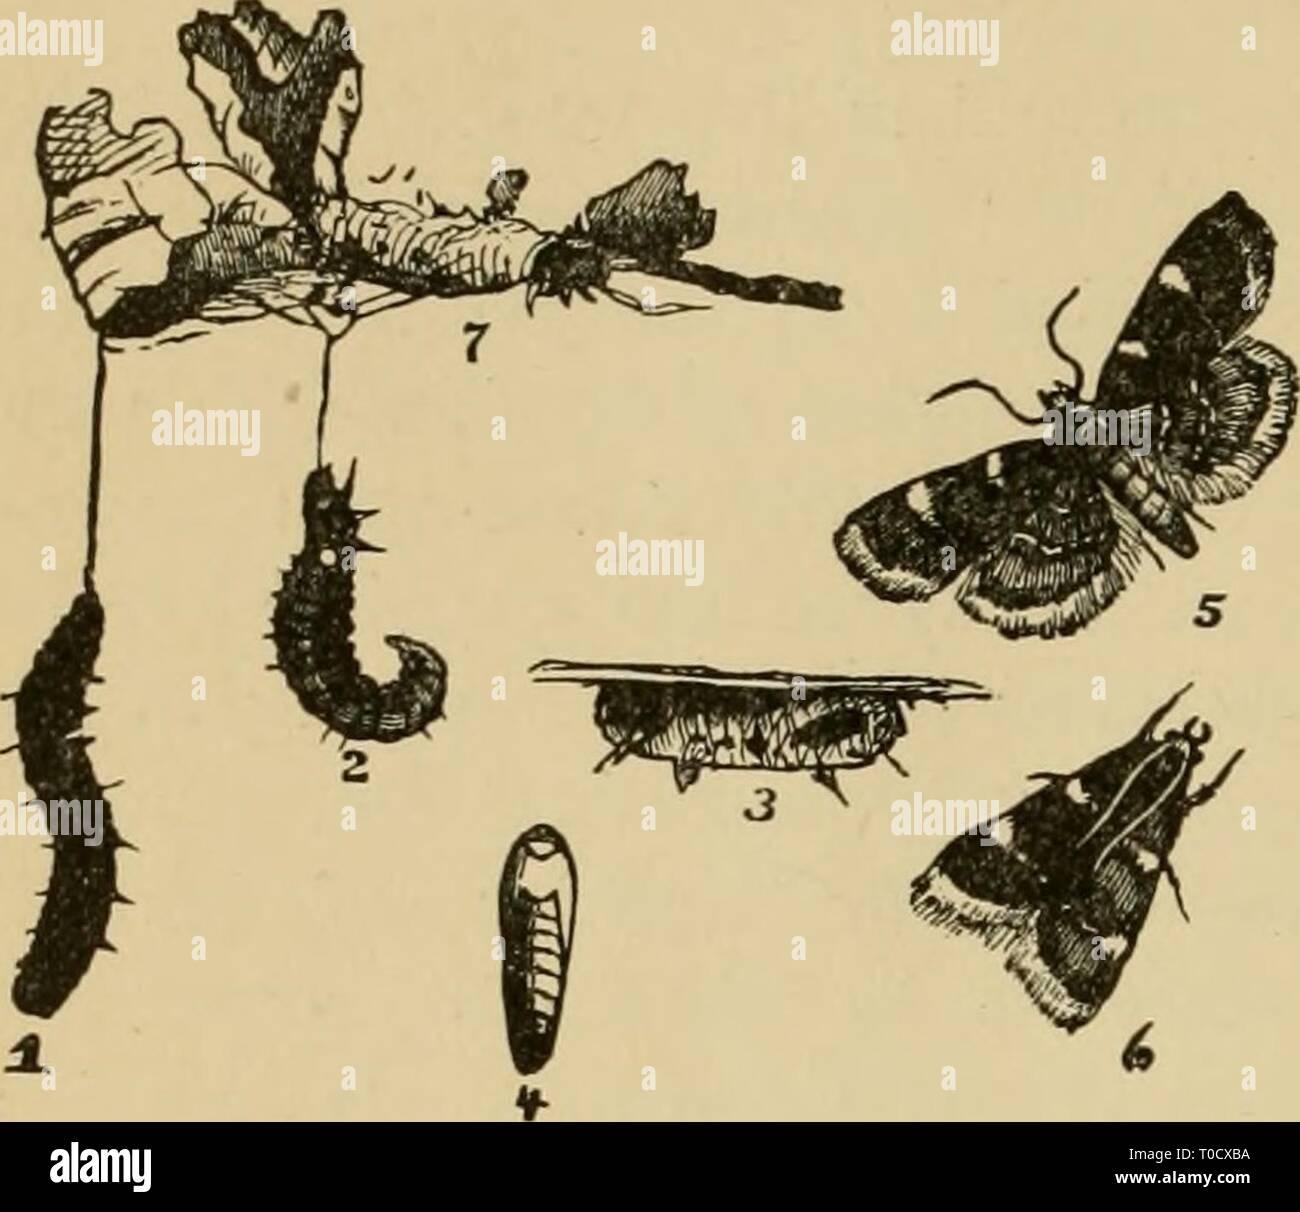 """Entomologie économique pour l'agriculteur entomologie économique pour l'agriculteur et le producteur de fruits, et pour l'utiliser comme un texte-livre dans les écoles et les collèges agricoles; economicentomol Année: 1906 smit00312 UNE ENTOMOLOGIE ÉCONOMIQUE. de pénétrer les réseaux et d'être en contact direct avec les larves. Parfois, les insectes de cette série ne sont pas limités à la végétation verte, comme dans le cas de """"l'foin de trèfle, ver' Asopia costalis, qui attaque le produit sec sec ou partiellement, sangle et causant plus ou Fig. 356. moins de blessures. Près de son allié, Pyralis farinalis, peuvent être trouvés dans des granges ou des bacs où le grain Banque D'Images"""